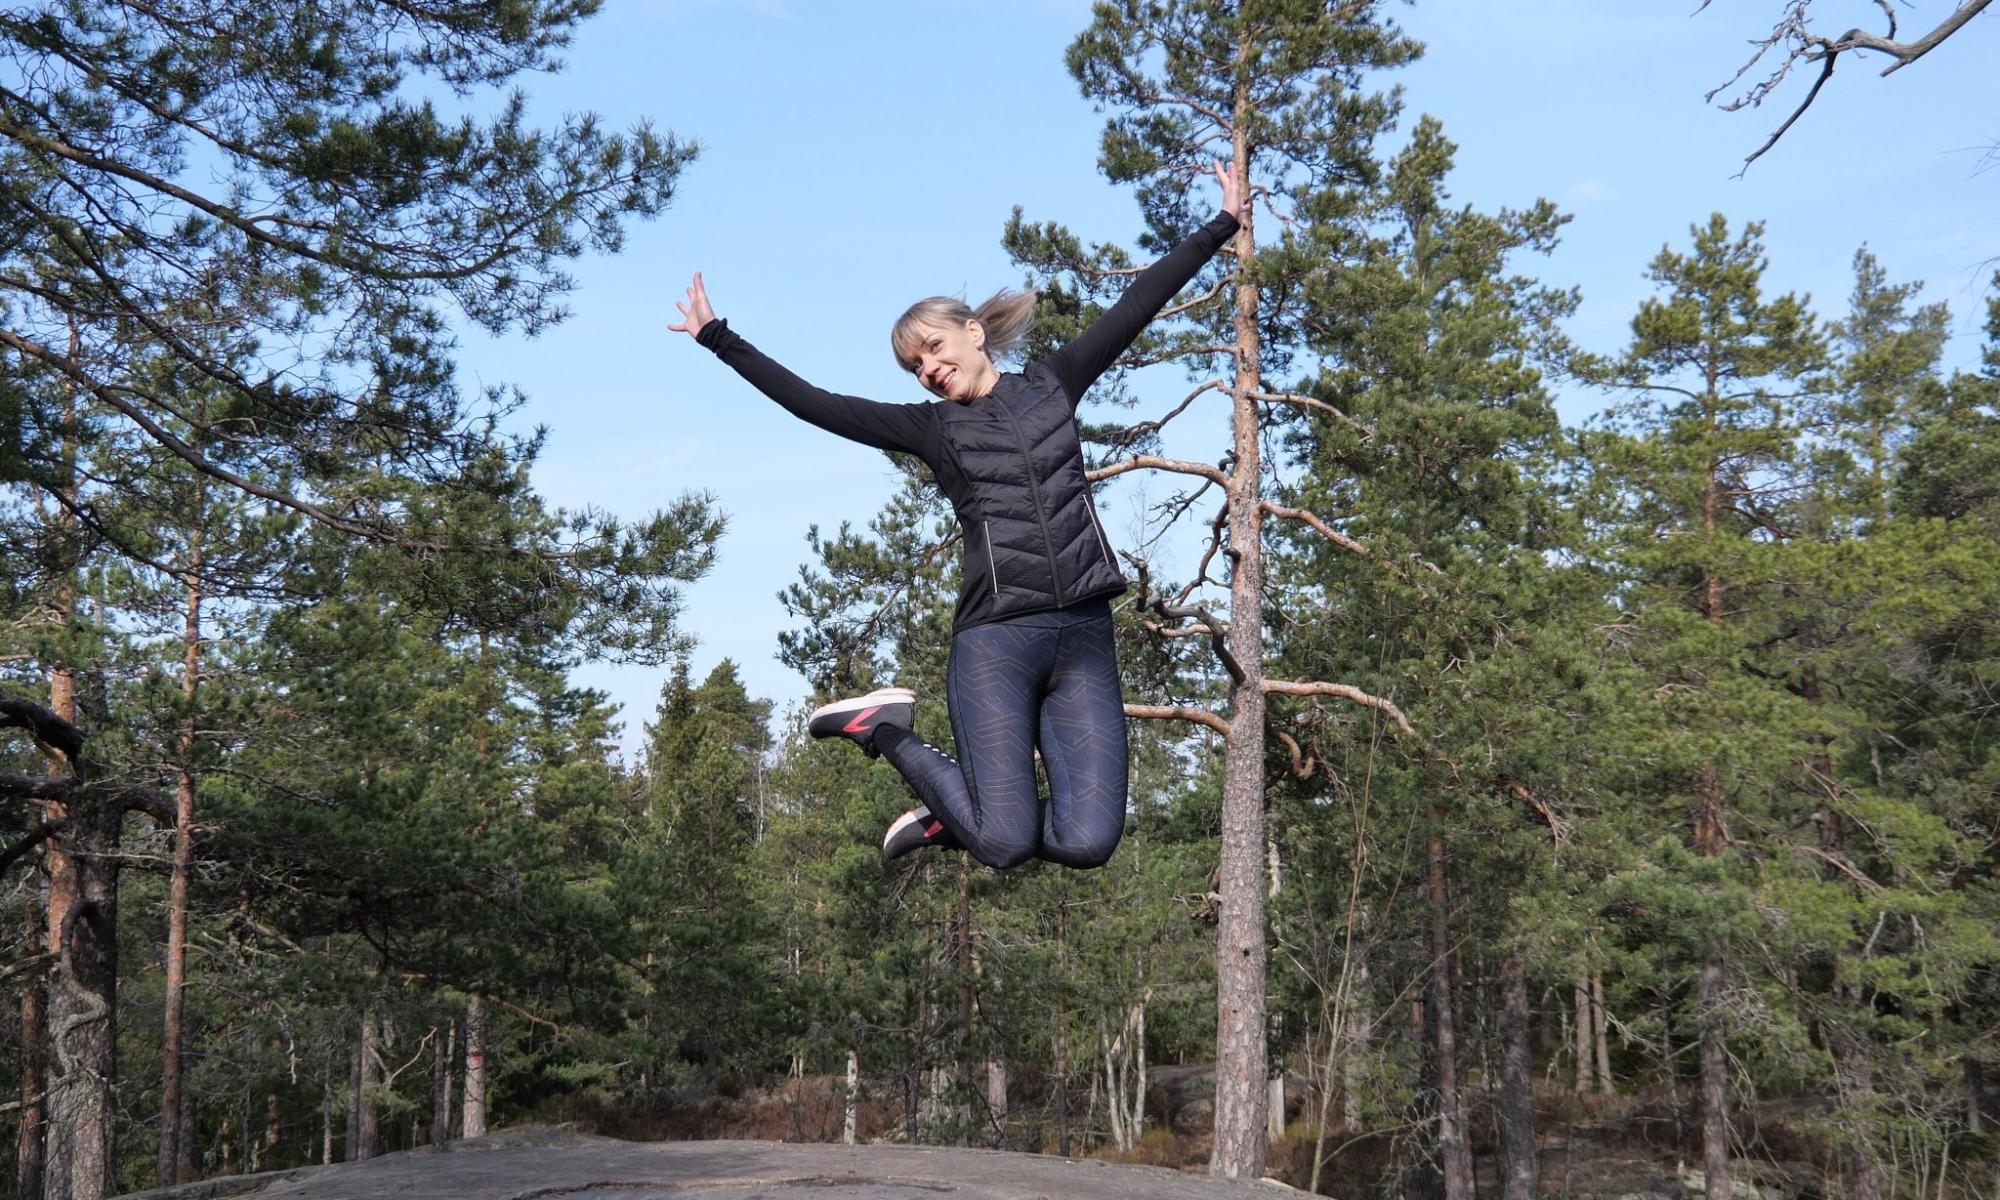 kallio hyppy lidlin juoksuvaatteet